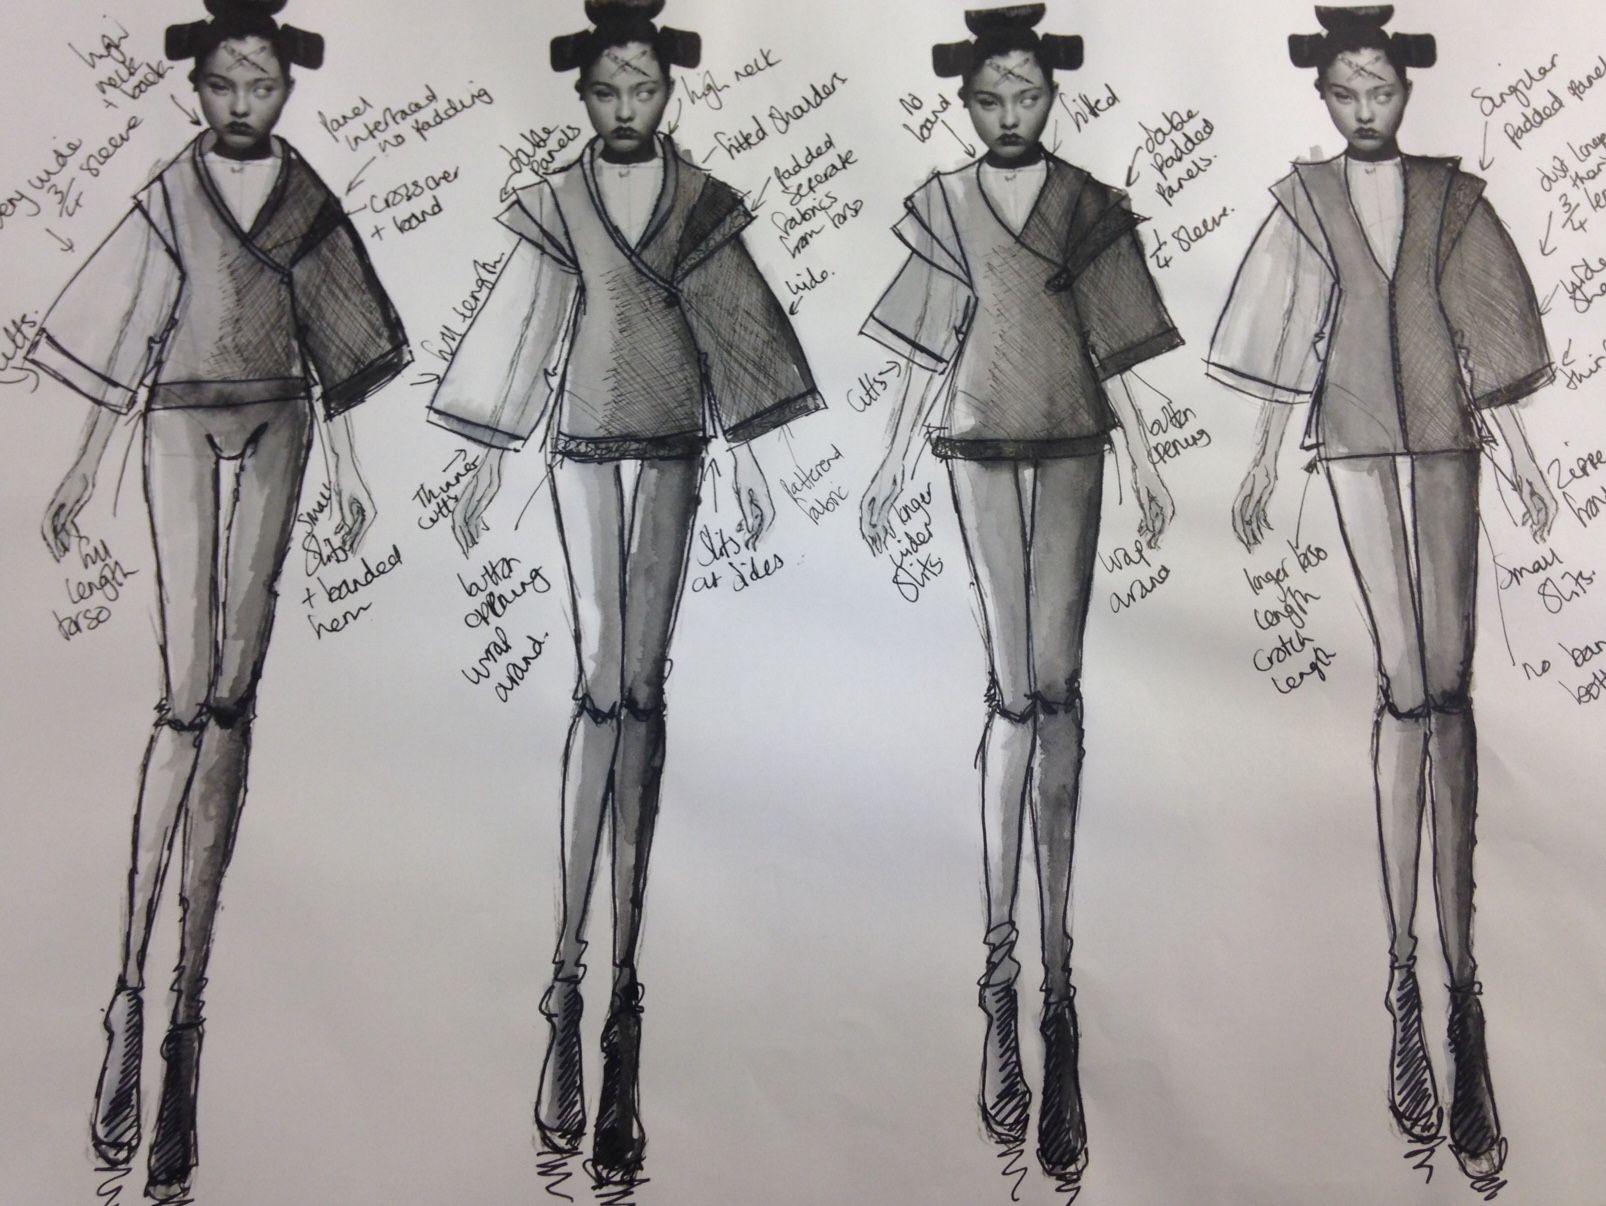 Board 9  #Japan #Samurai #AlexanderMcQueen #McQueen #Fashion #Illustration #FashionIllustration #Design #Project